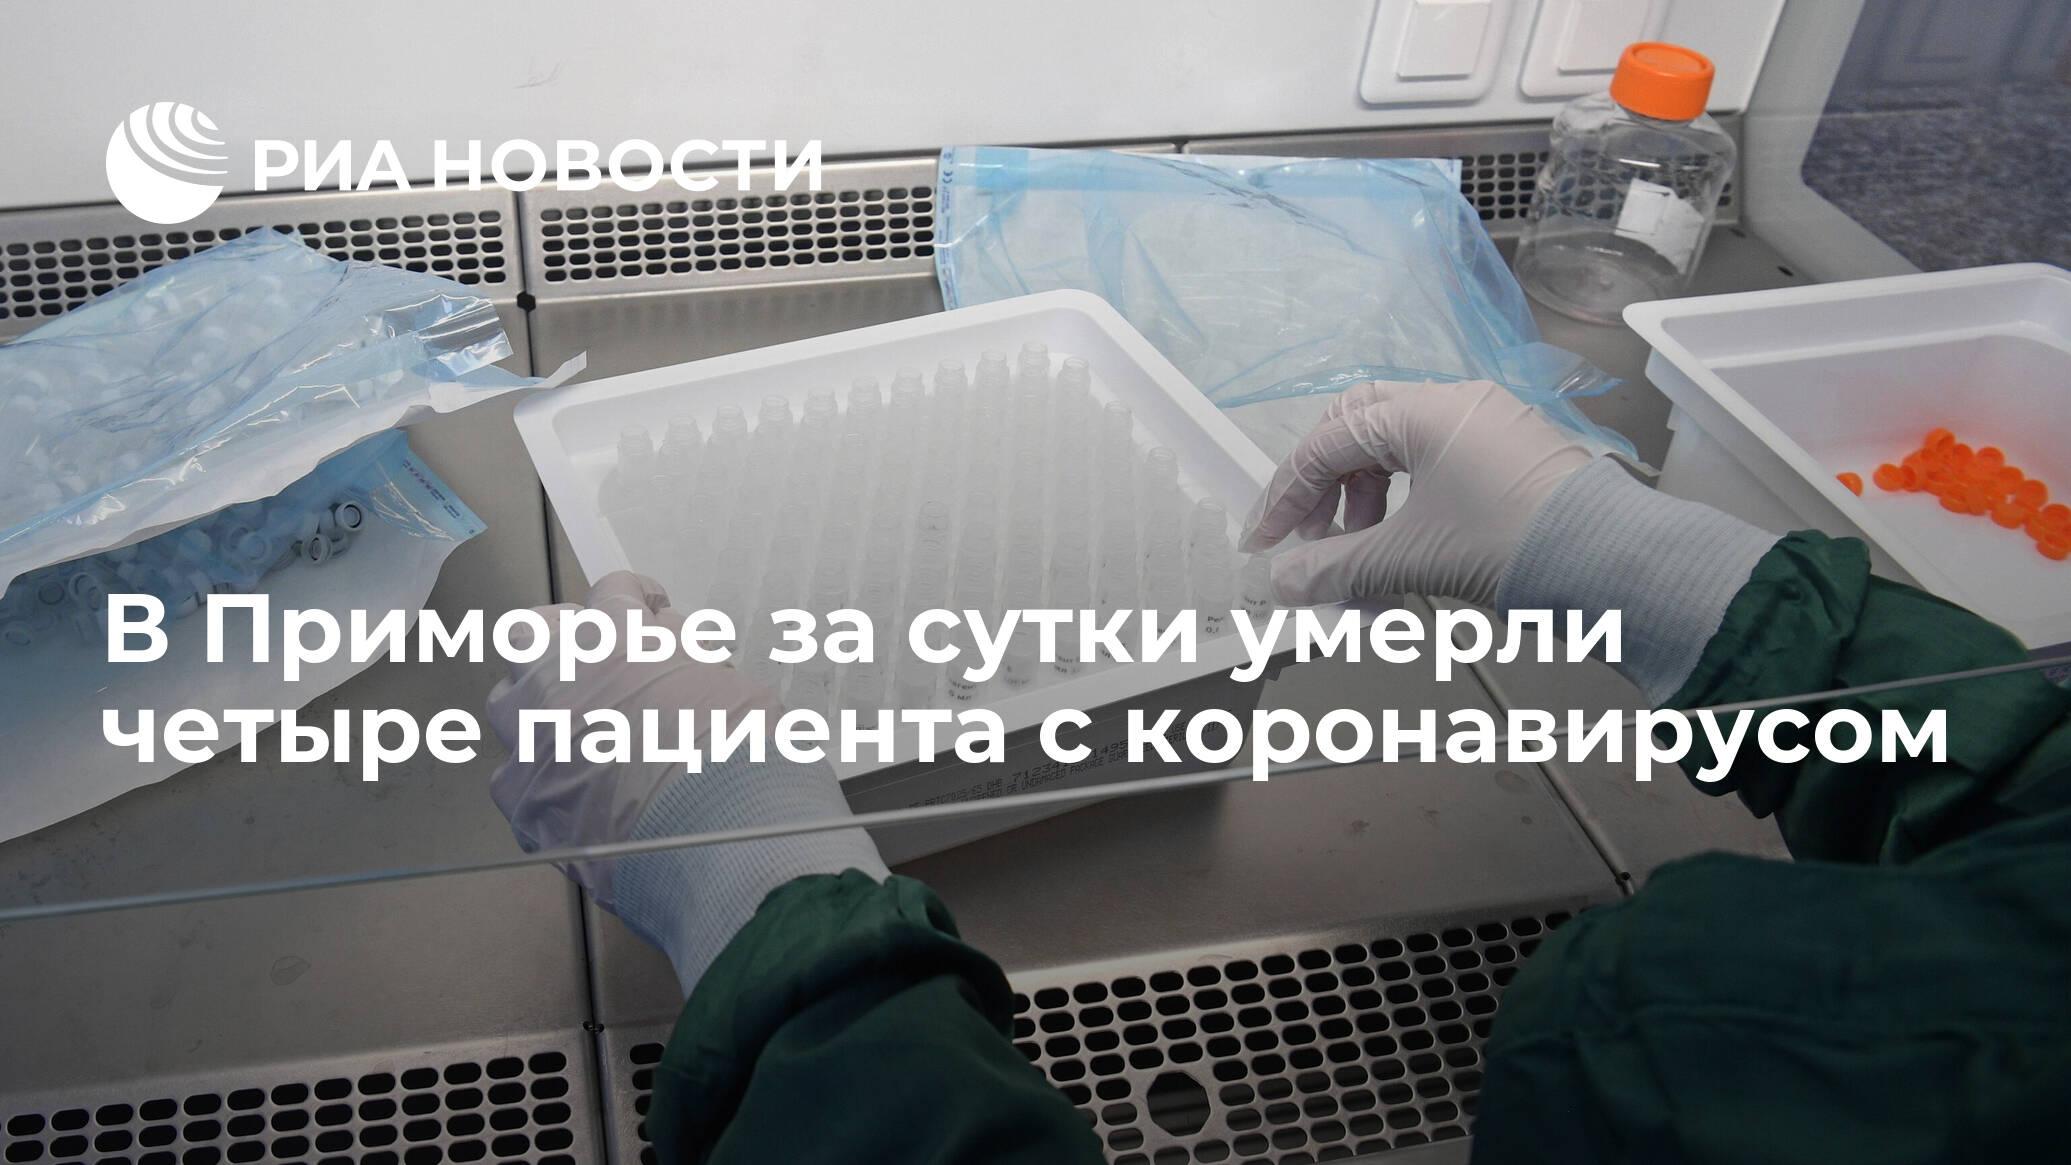 В Приморье впервые за сутки умерли четыре пациента с коронавирусом